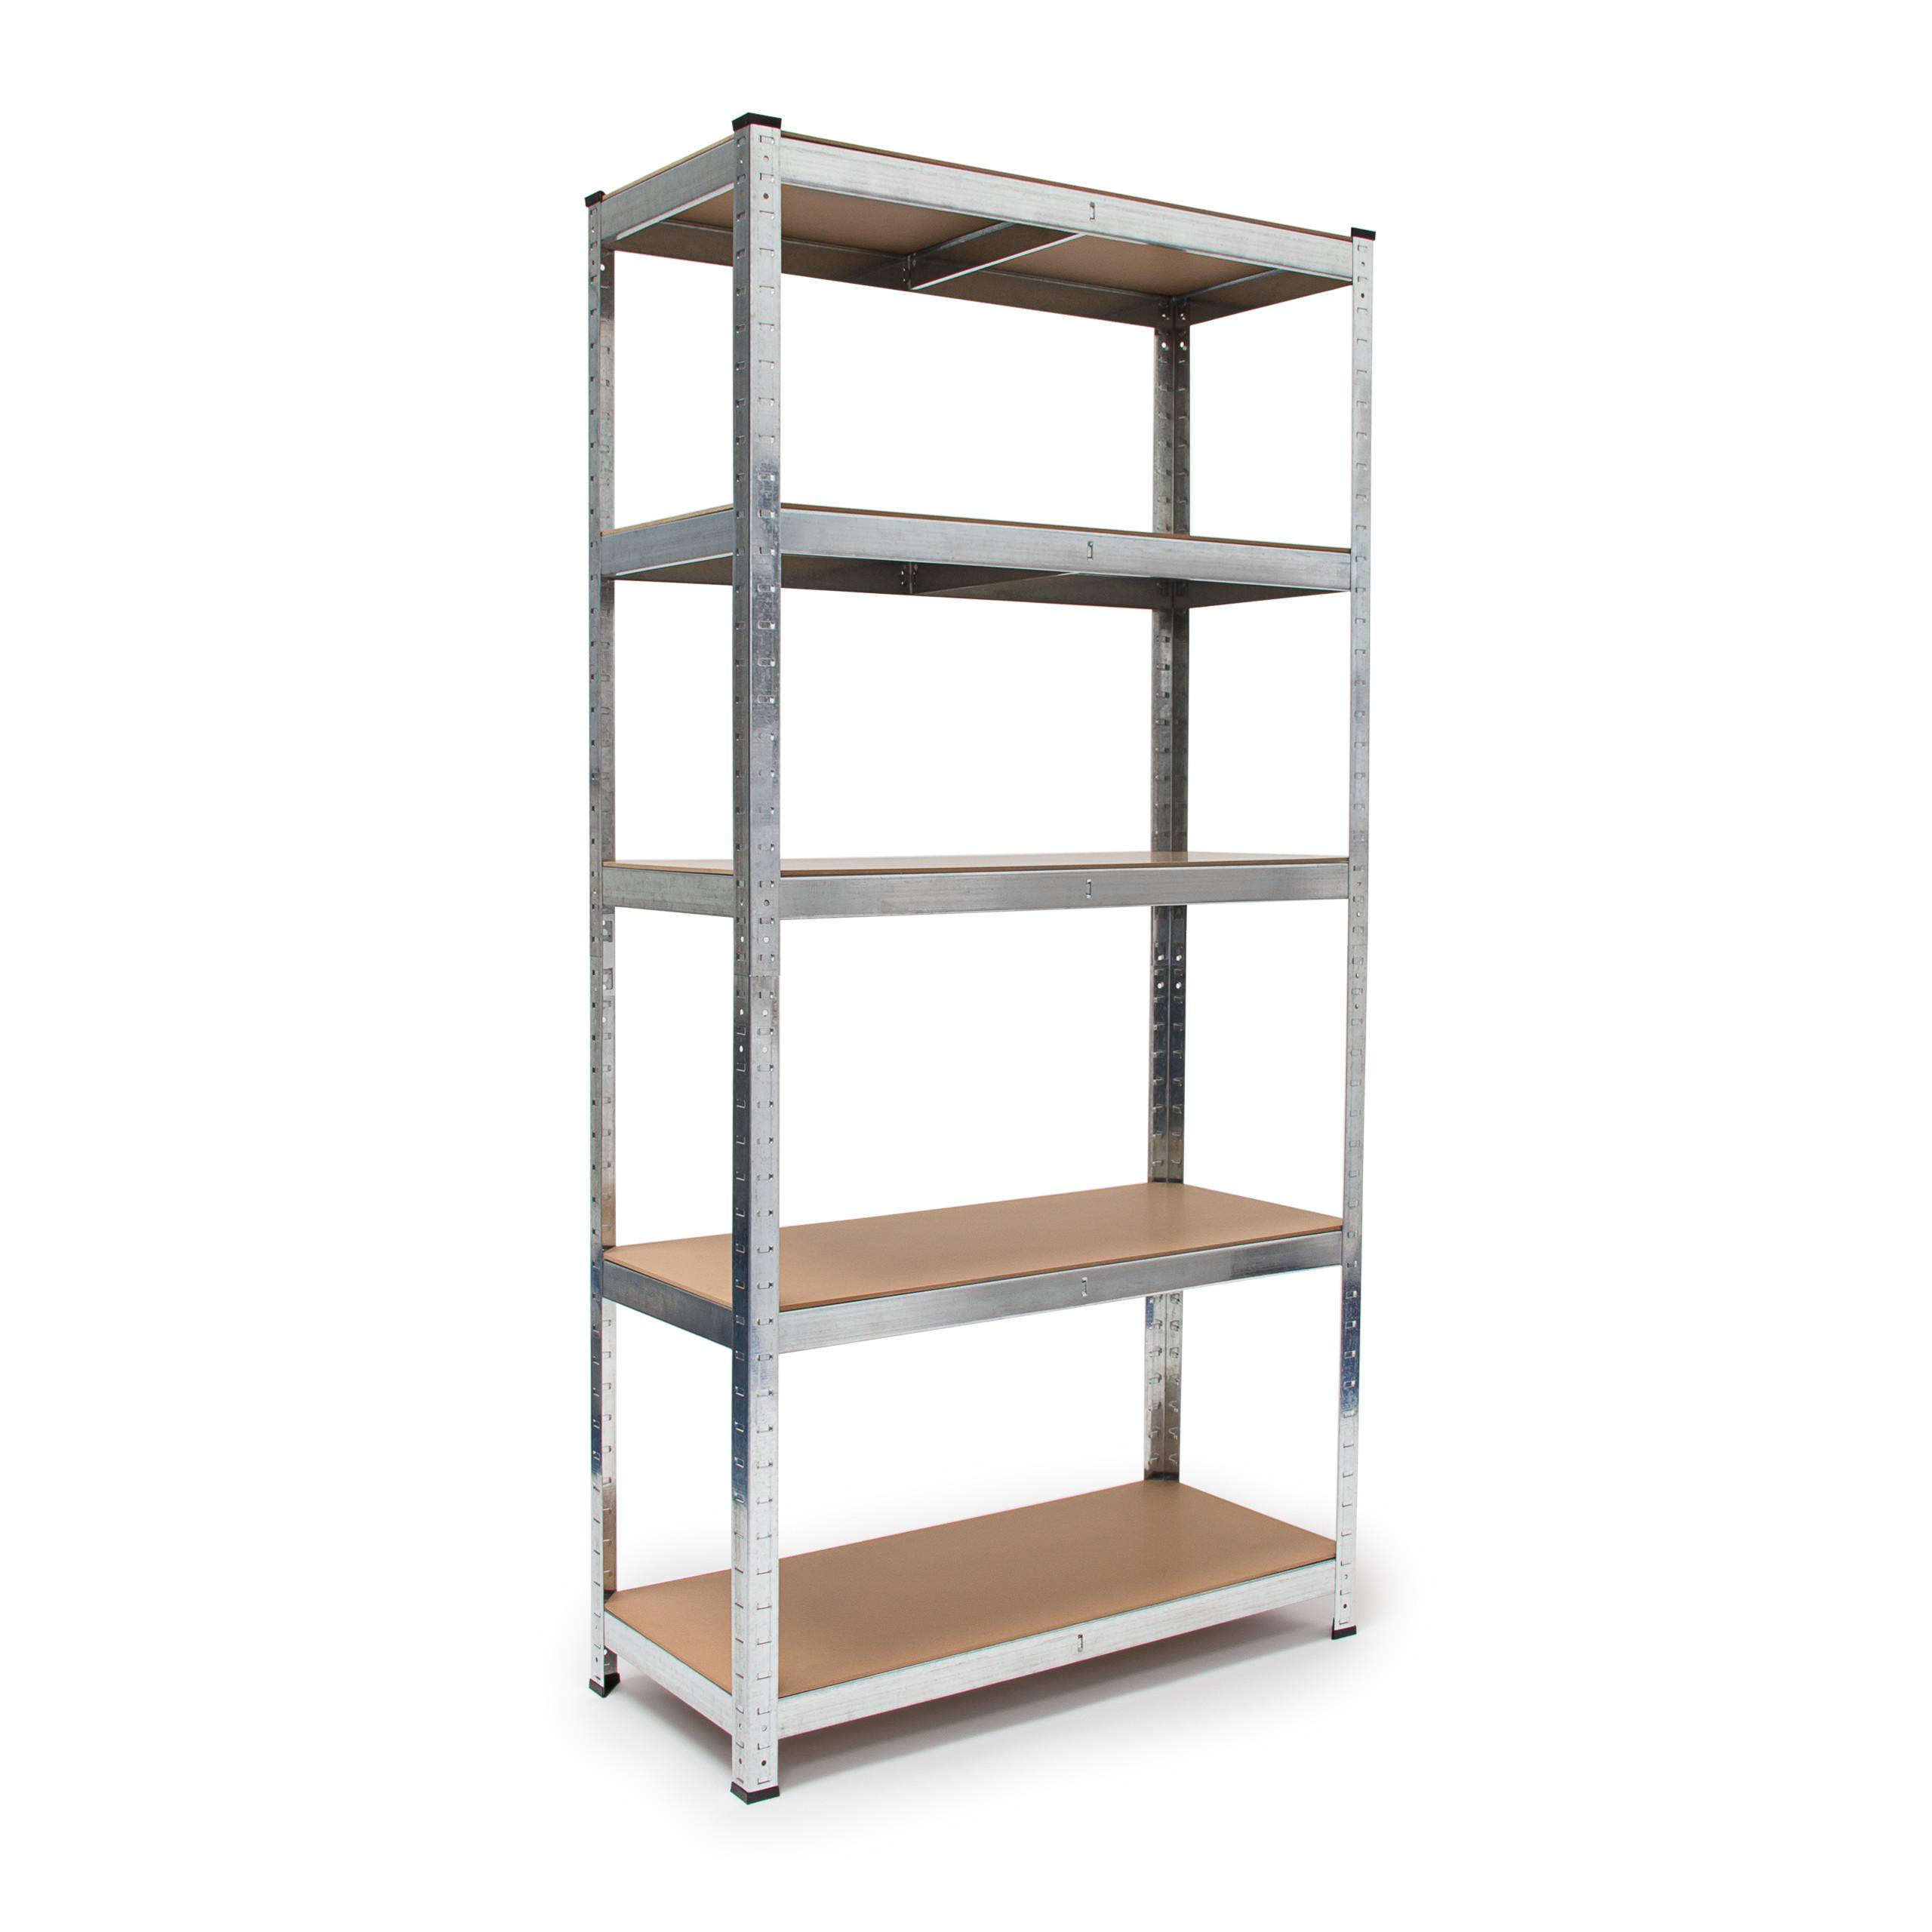 Scaffale-componibile-sistema-a-incastro-per-garage-5-ripiani-metallo-e-legno